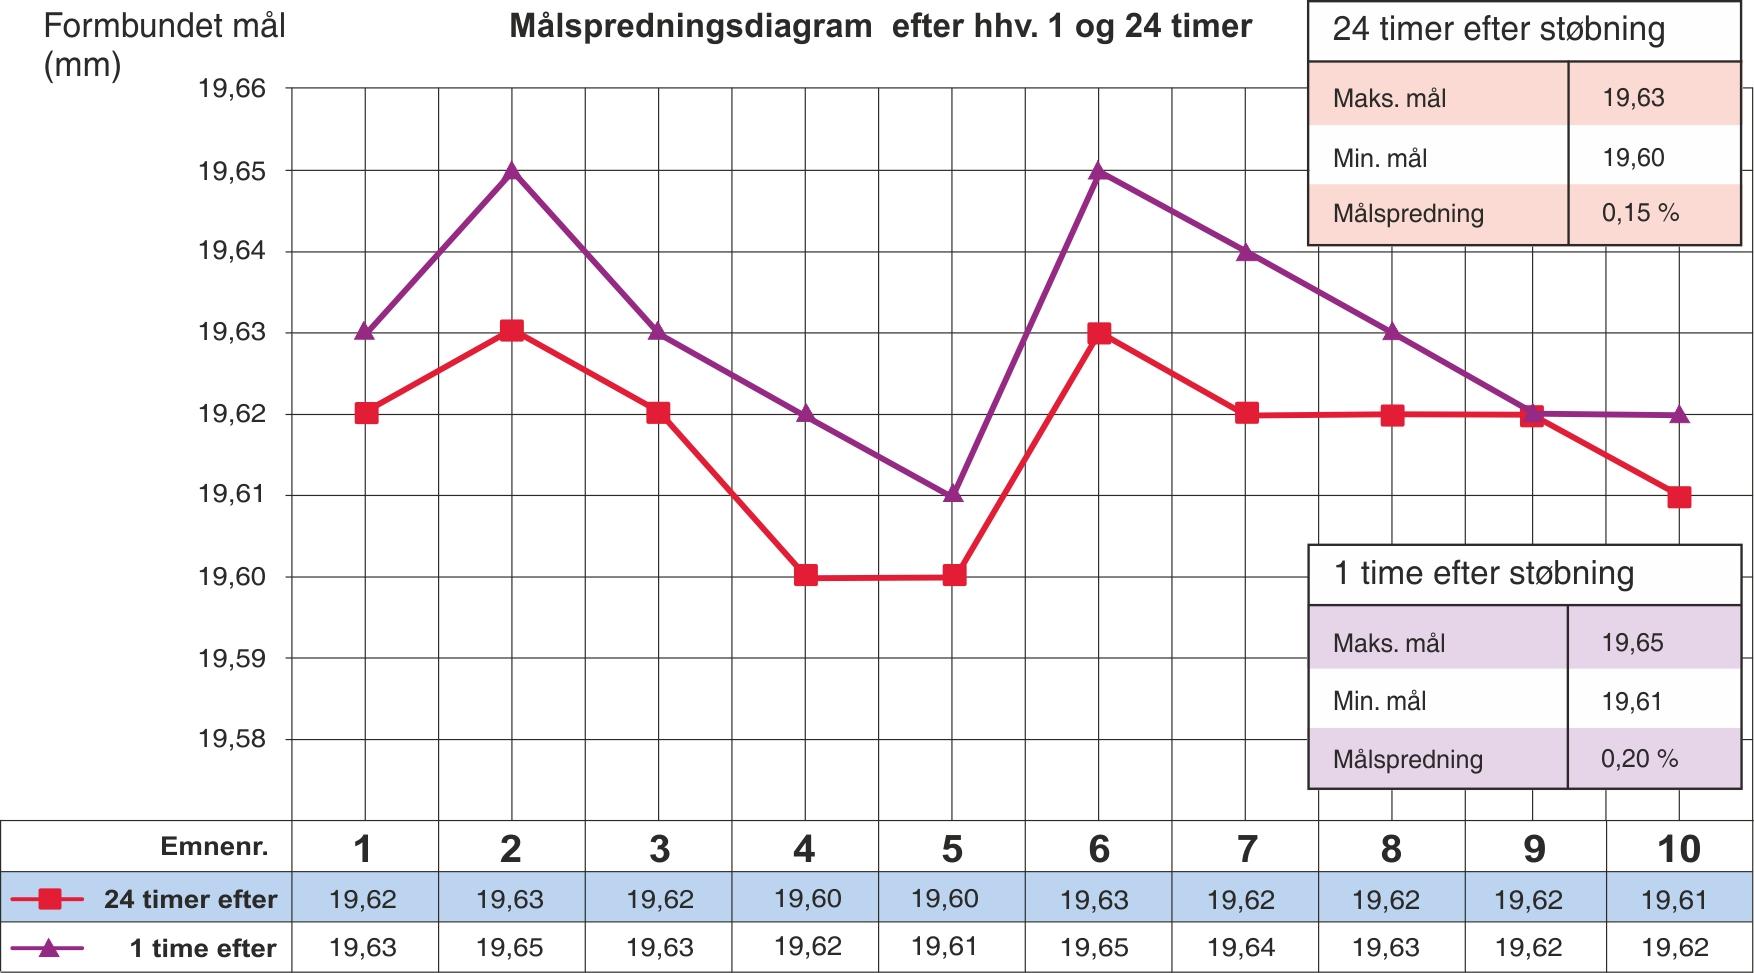 Målspredningsdiagram efter hhv. 1 og 24 timer